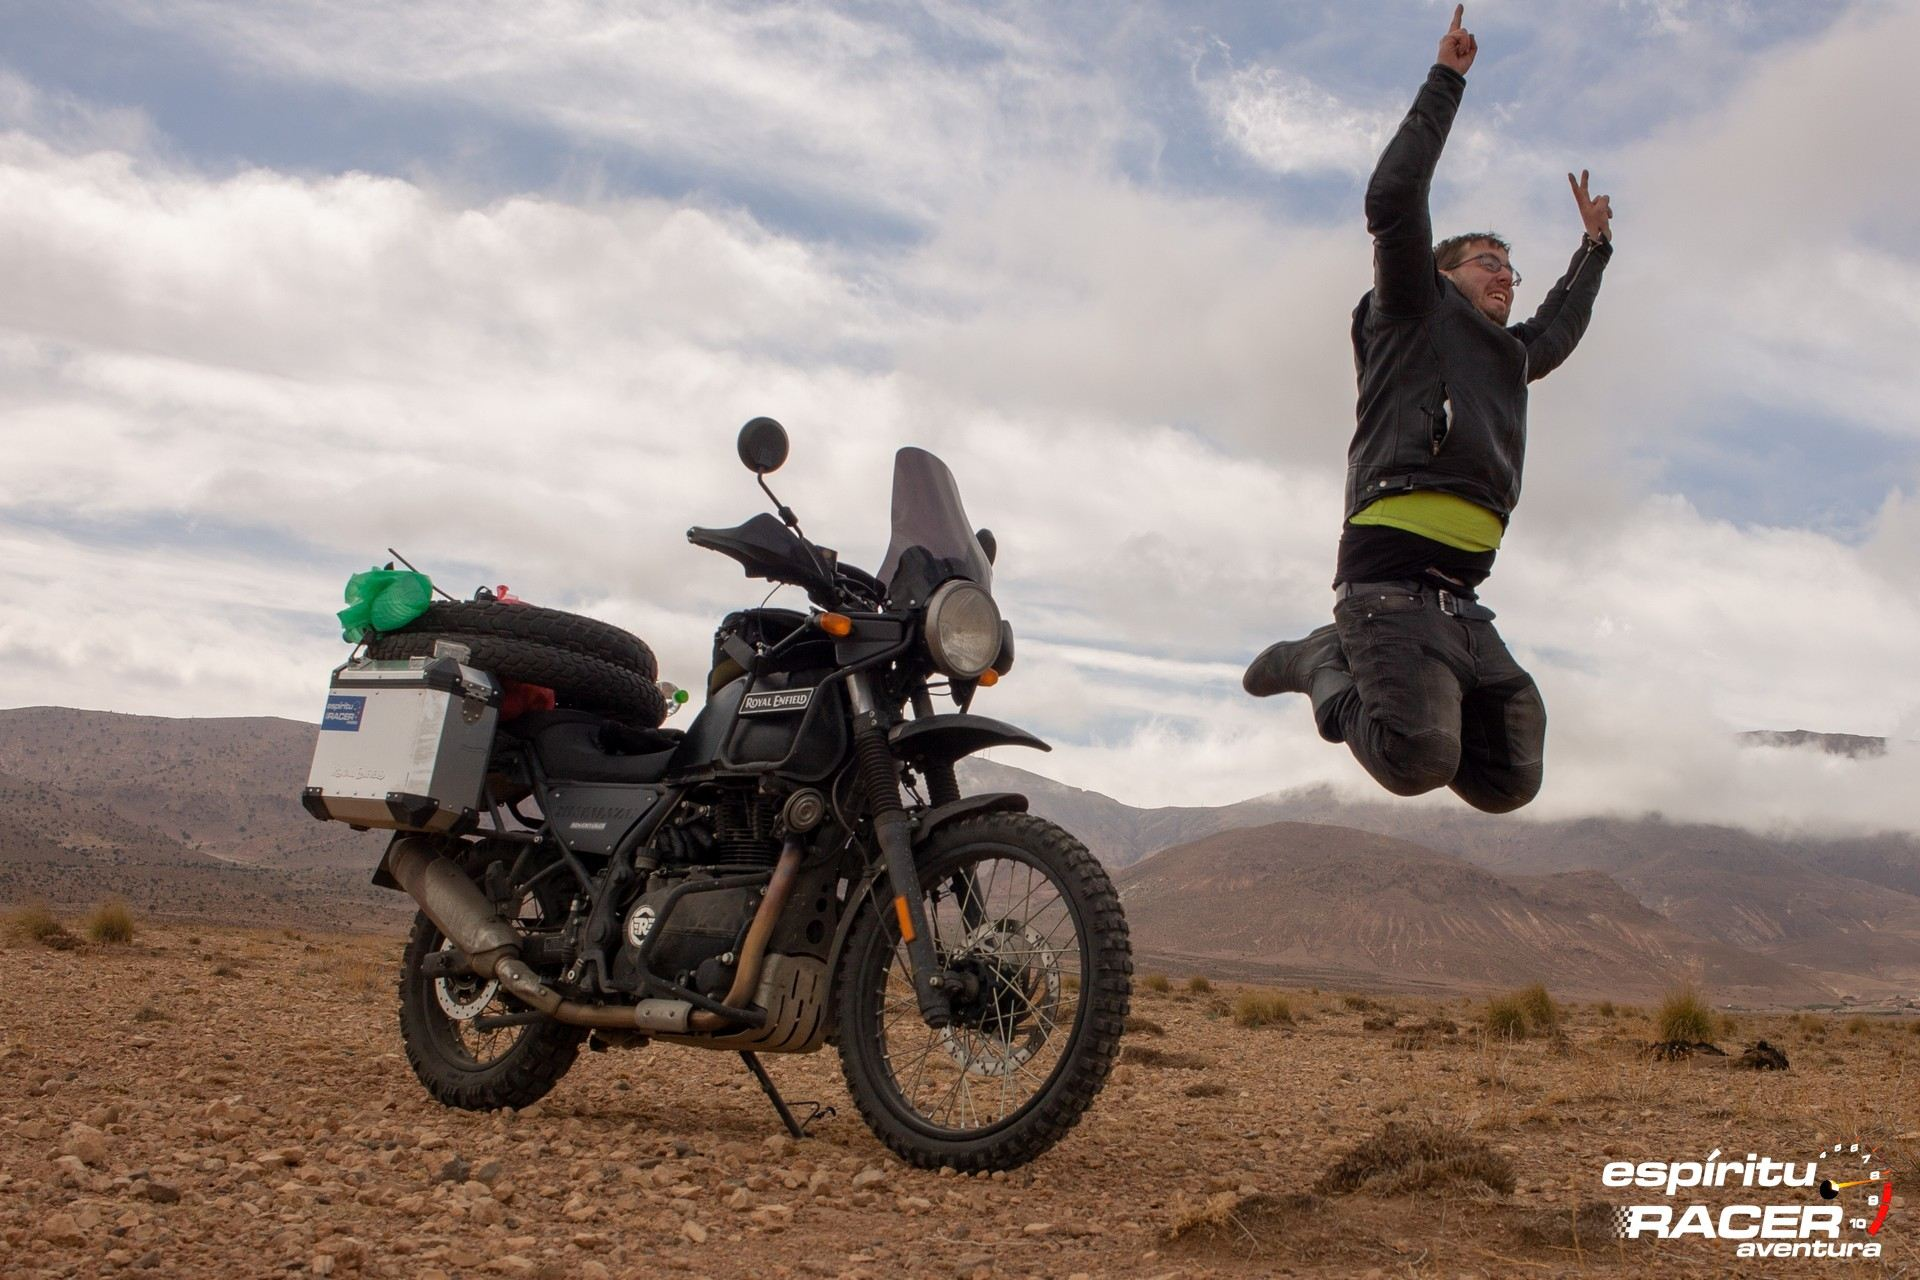 15 días por Marruecos con una Royal Enfield Himalayan (III)